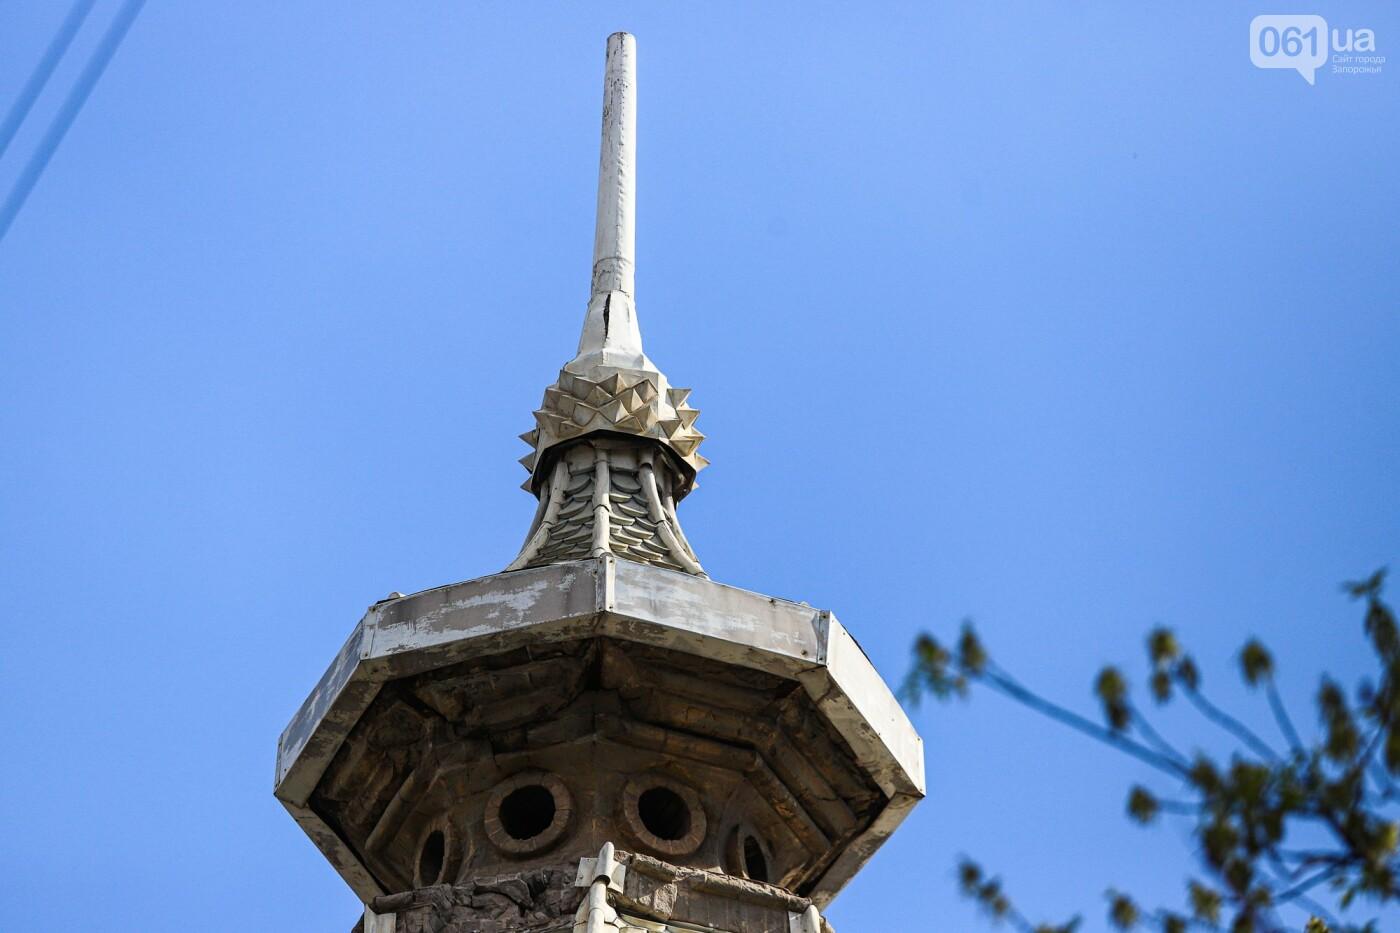 Памятники Старого Александровска: как сейчас выглядит здание первой в городе электростанции, - ФОТО, фото-19